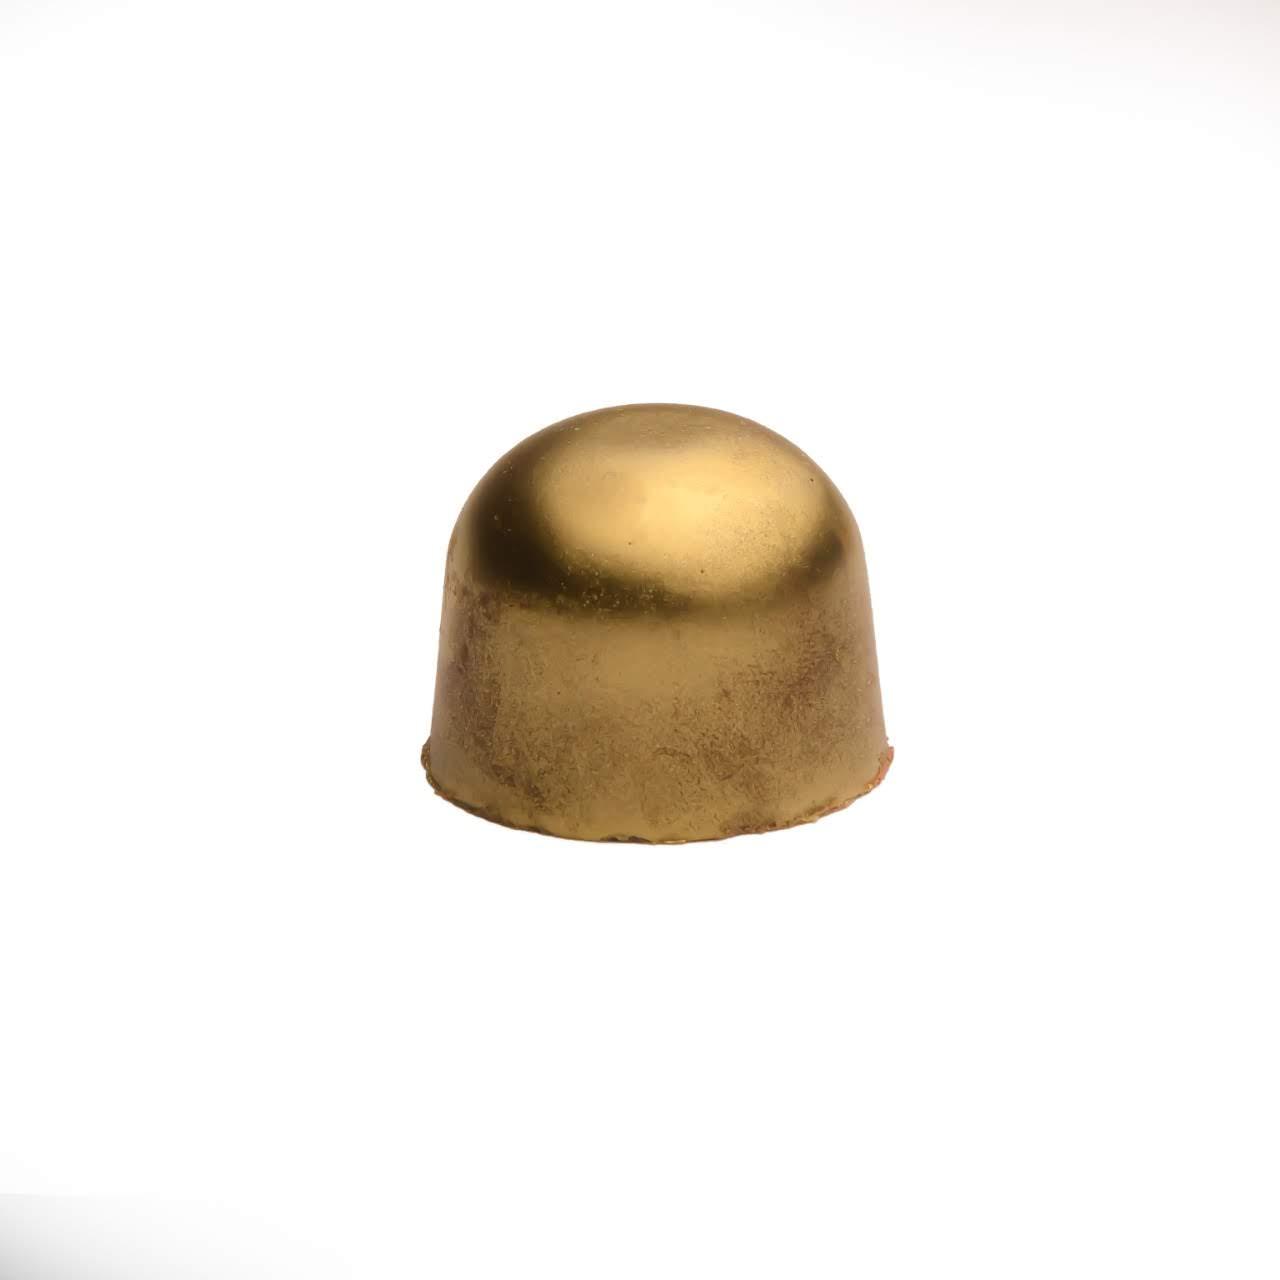 Bombom de uva  dourado R$ 2,10